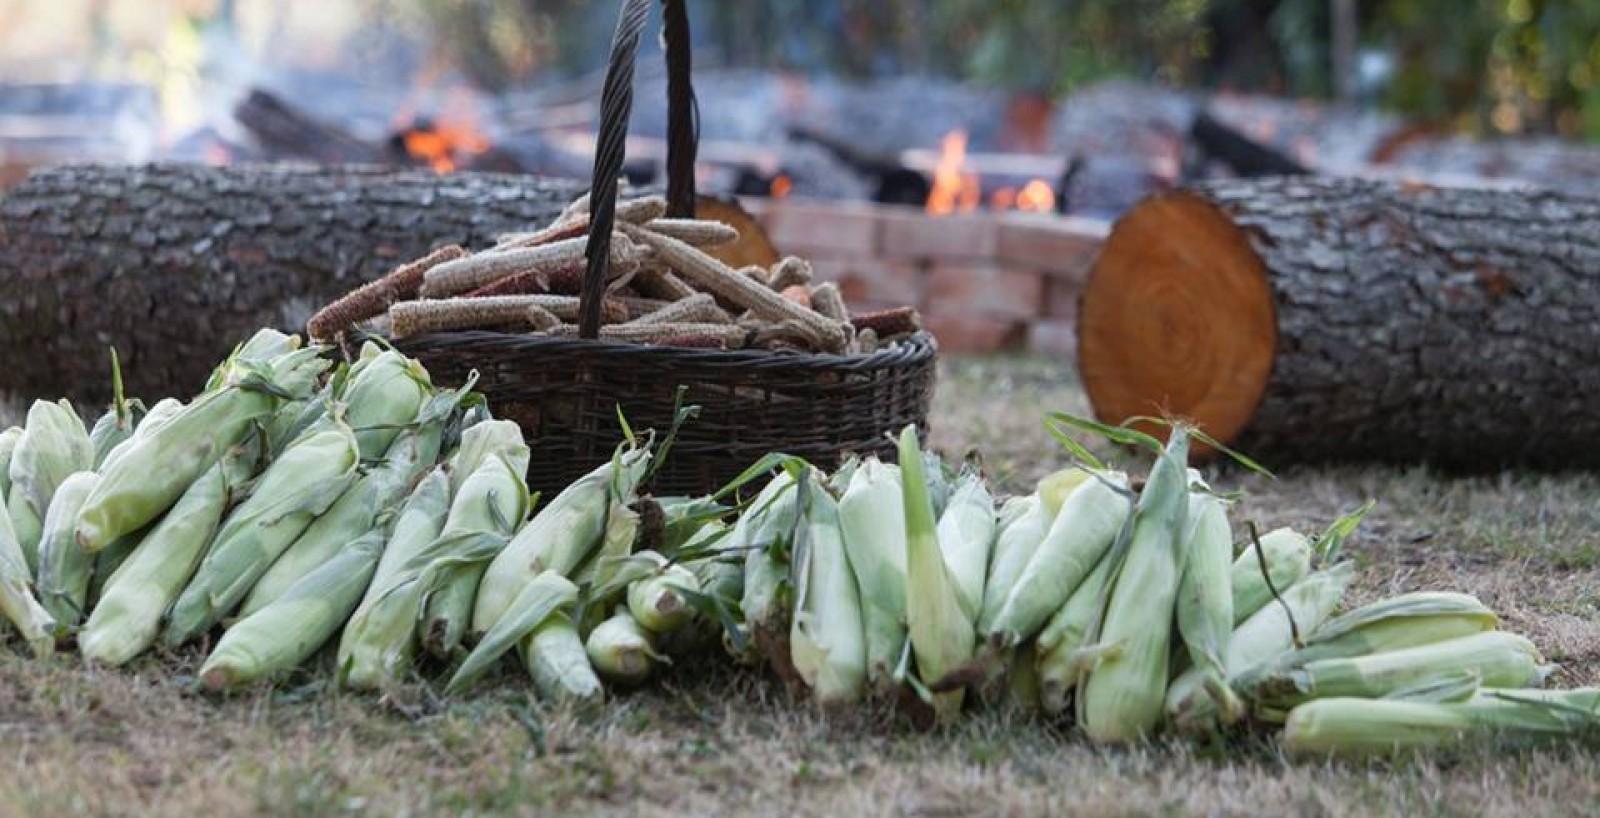 Ljeto u Vukovini uz pečenike, radionicu, film...